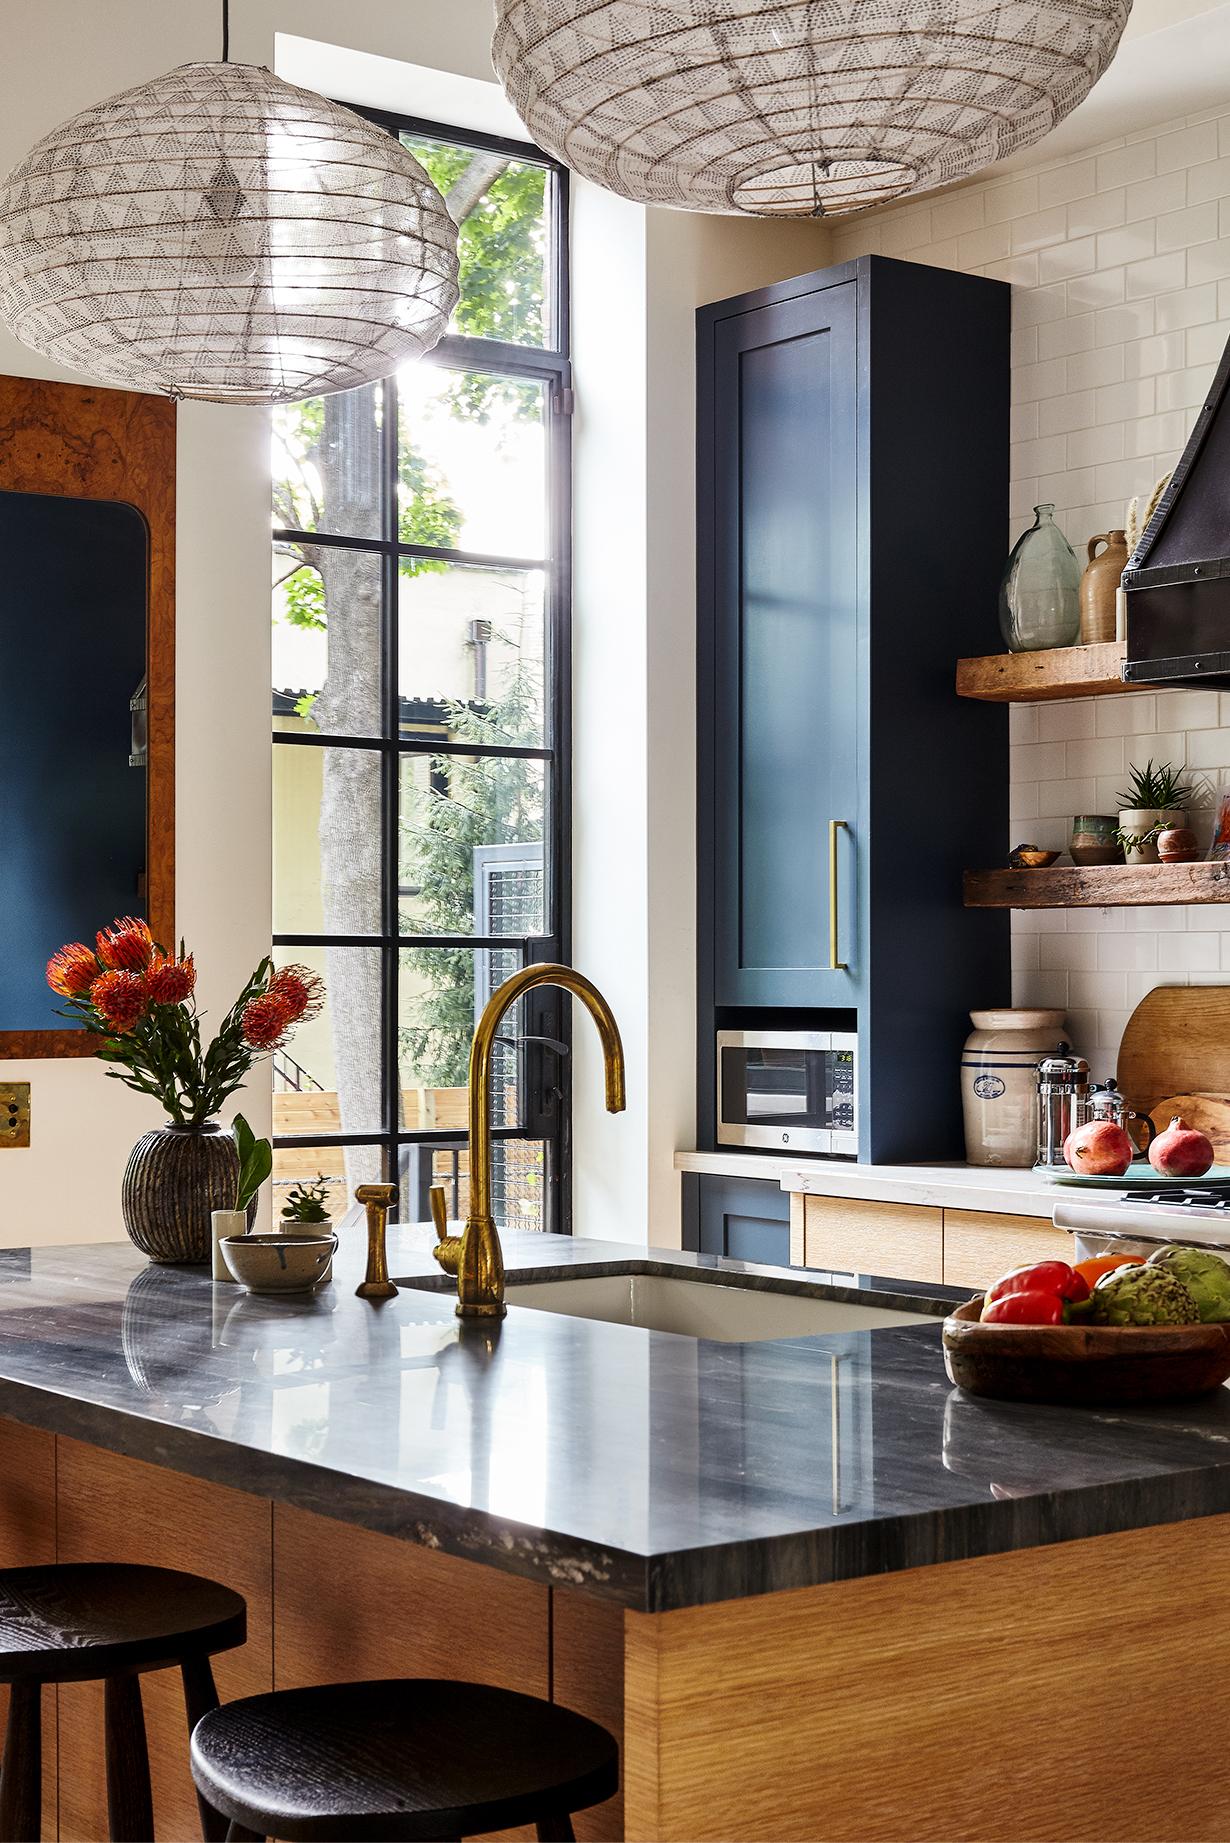 Indigo & Ochre Design CH6 Kitchen.jpg